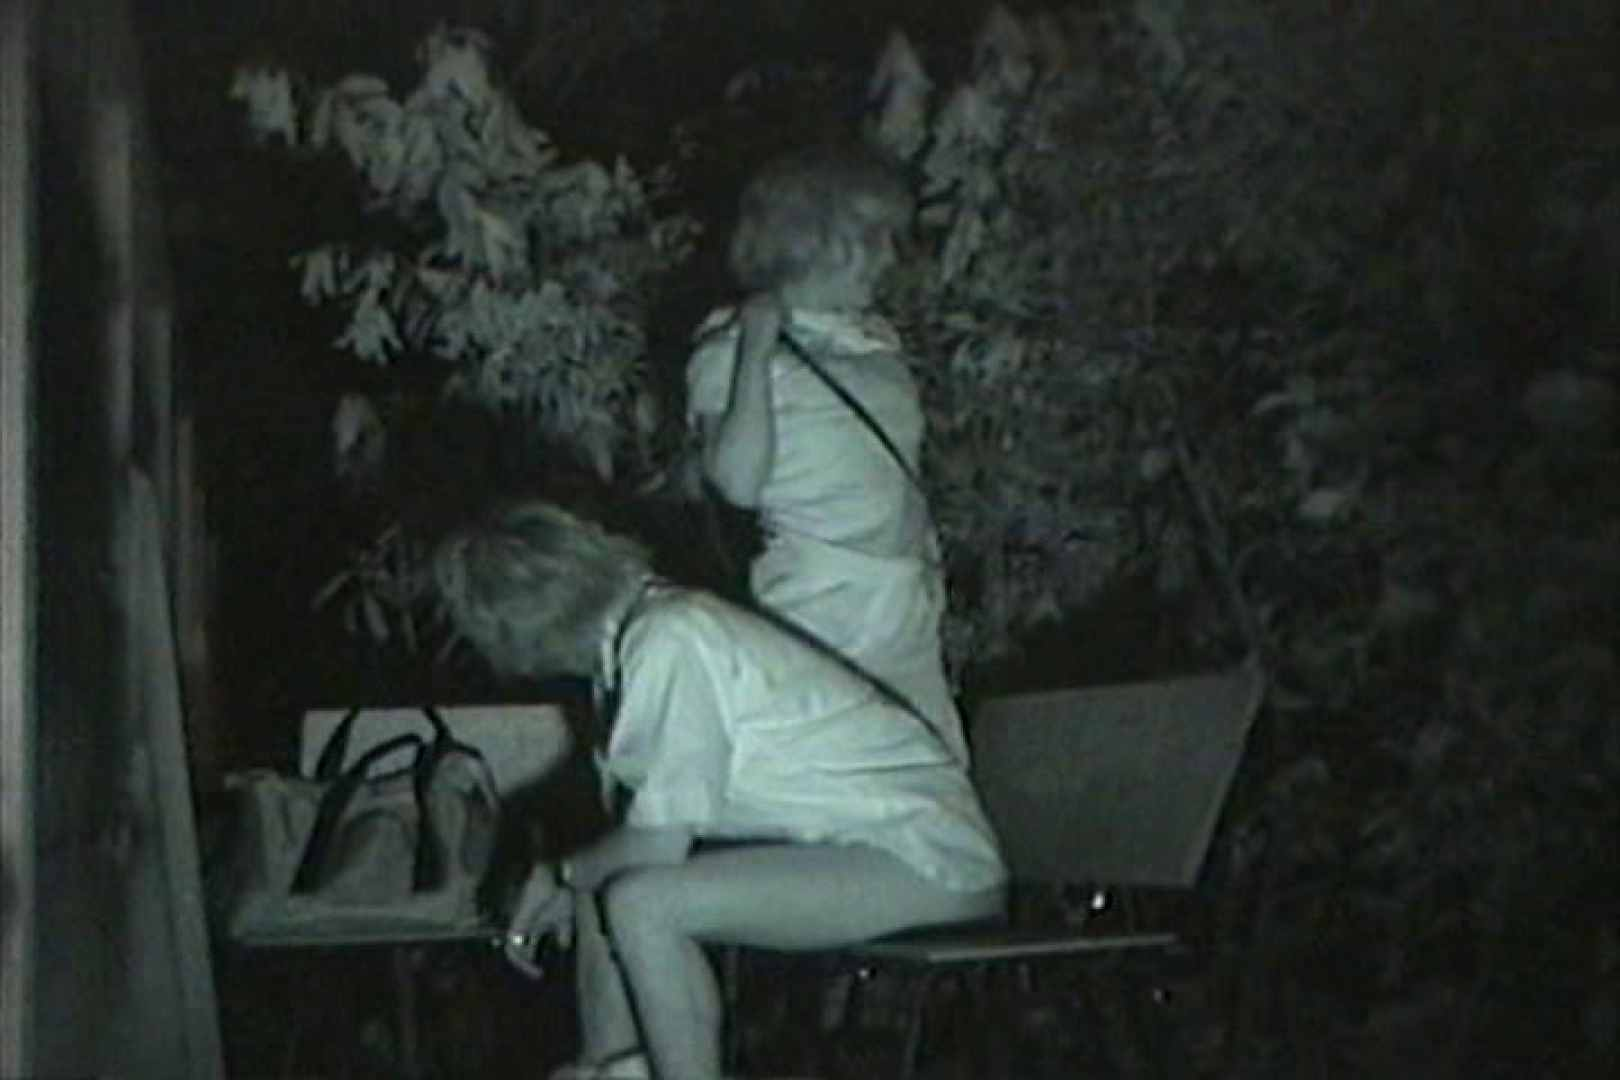 闇の仕掛け人 無修正版 Vol.24 美しいOLの裸体 | セックス  101pic 71